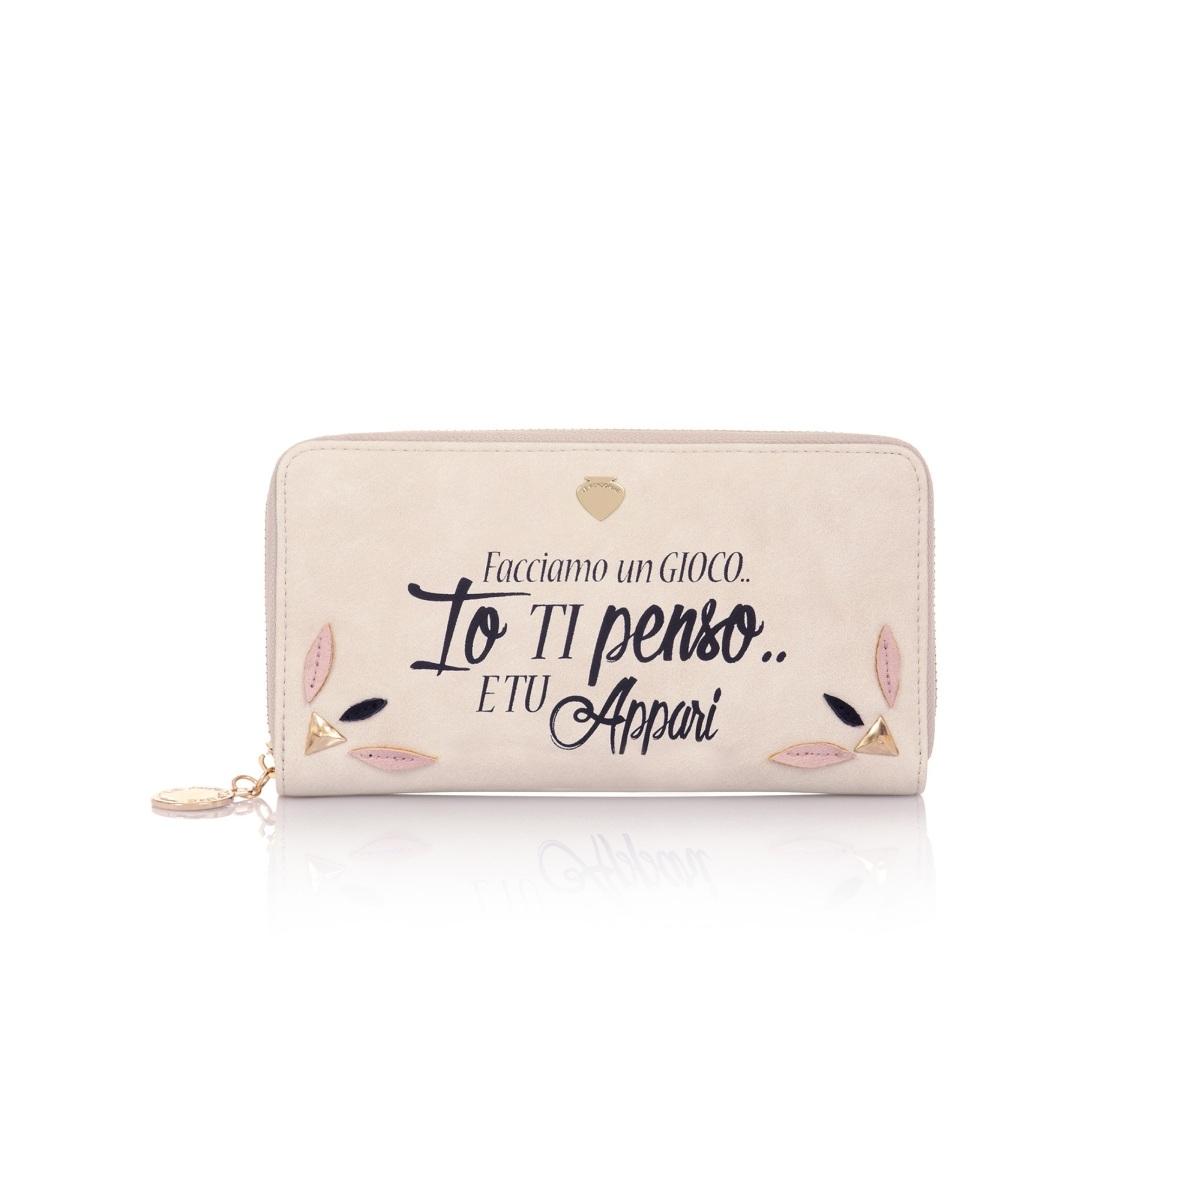 Πορτοφόλι Le Pandorine G02166 Μπεζ Ροζ